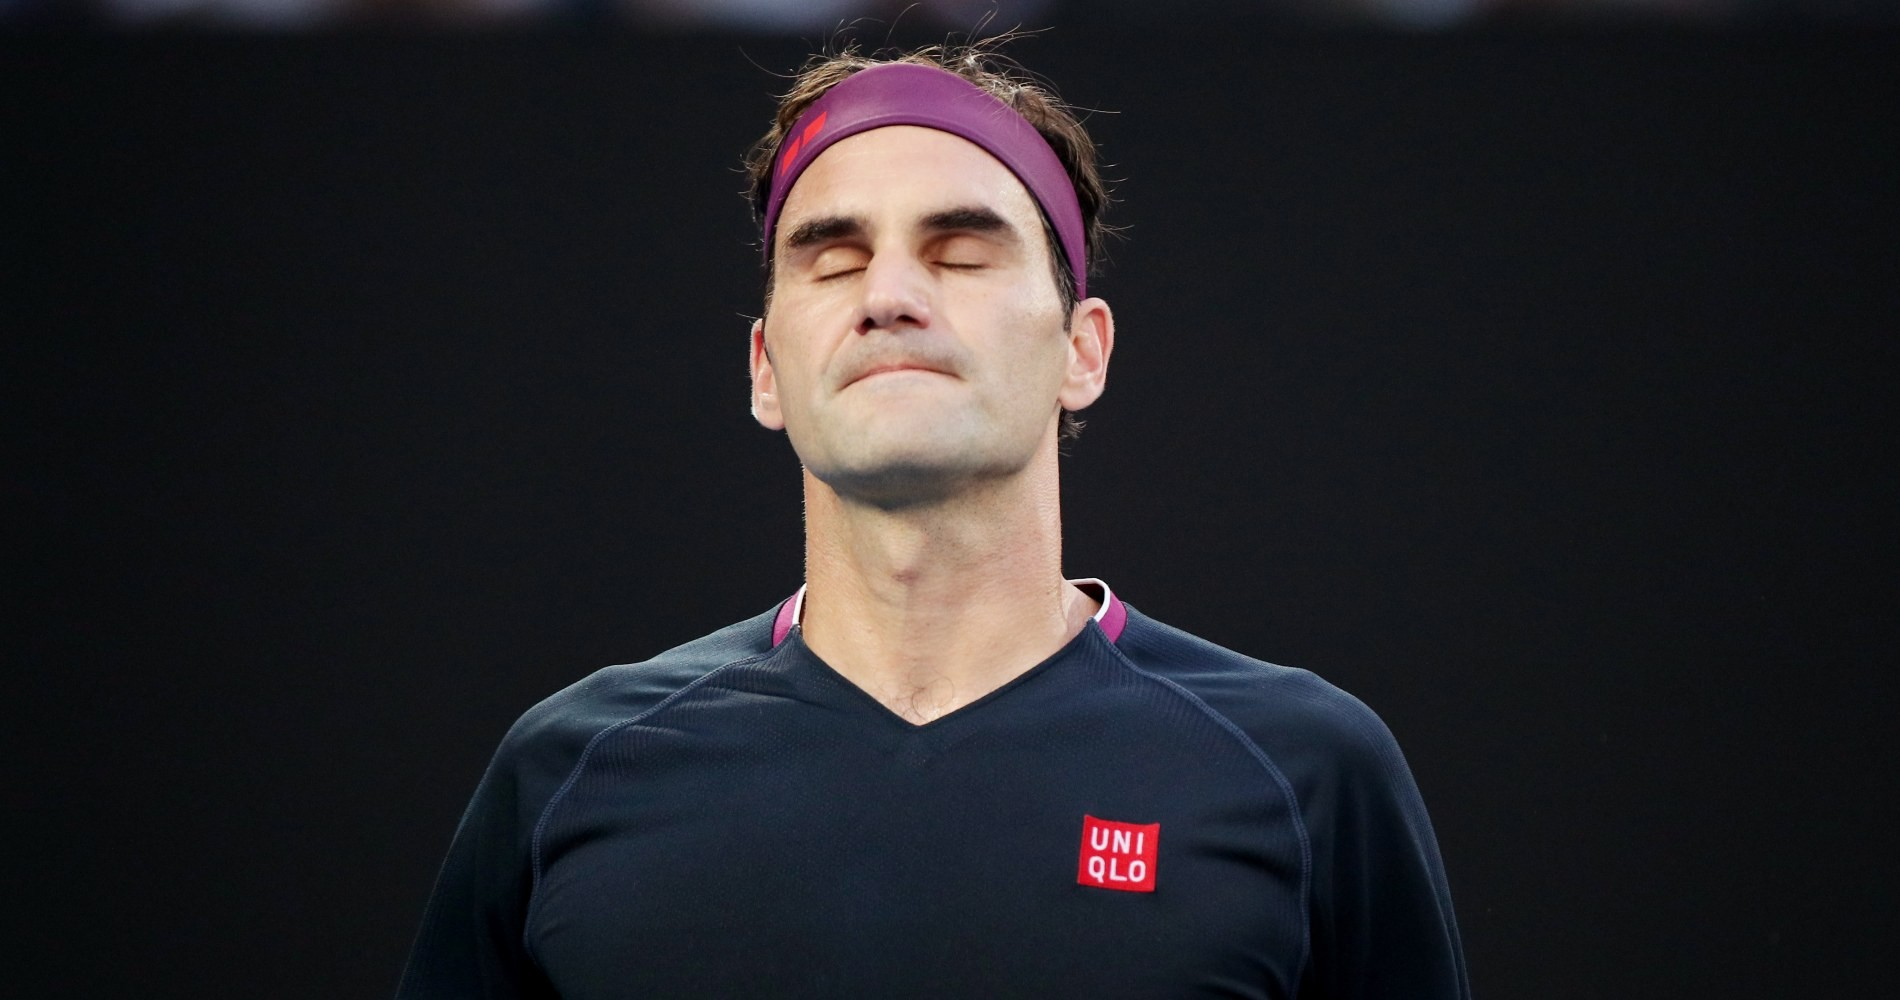 Roger Federer, 2020 Australian Open